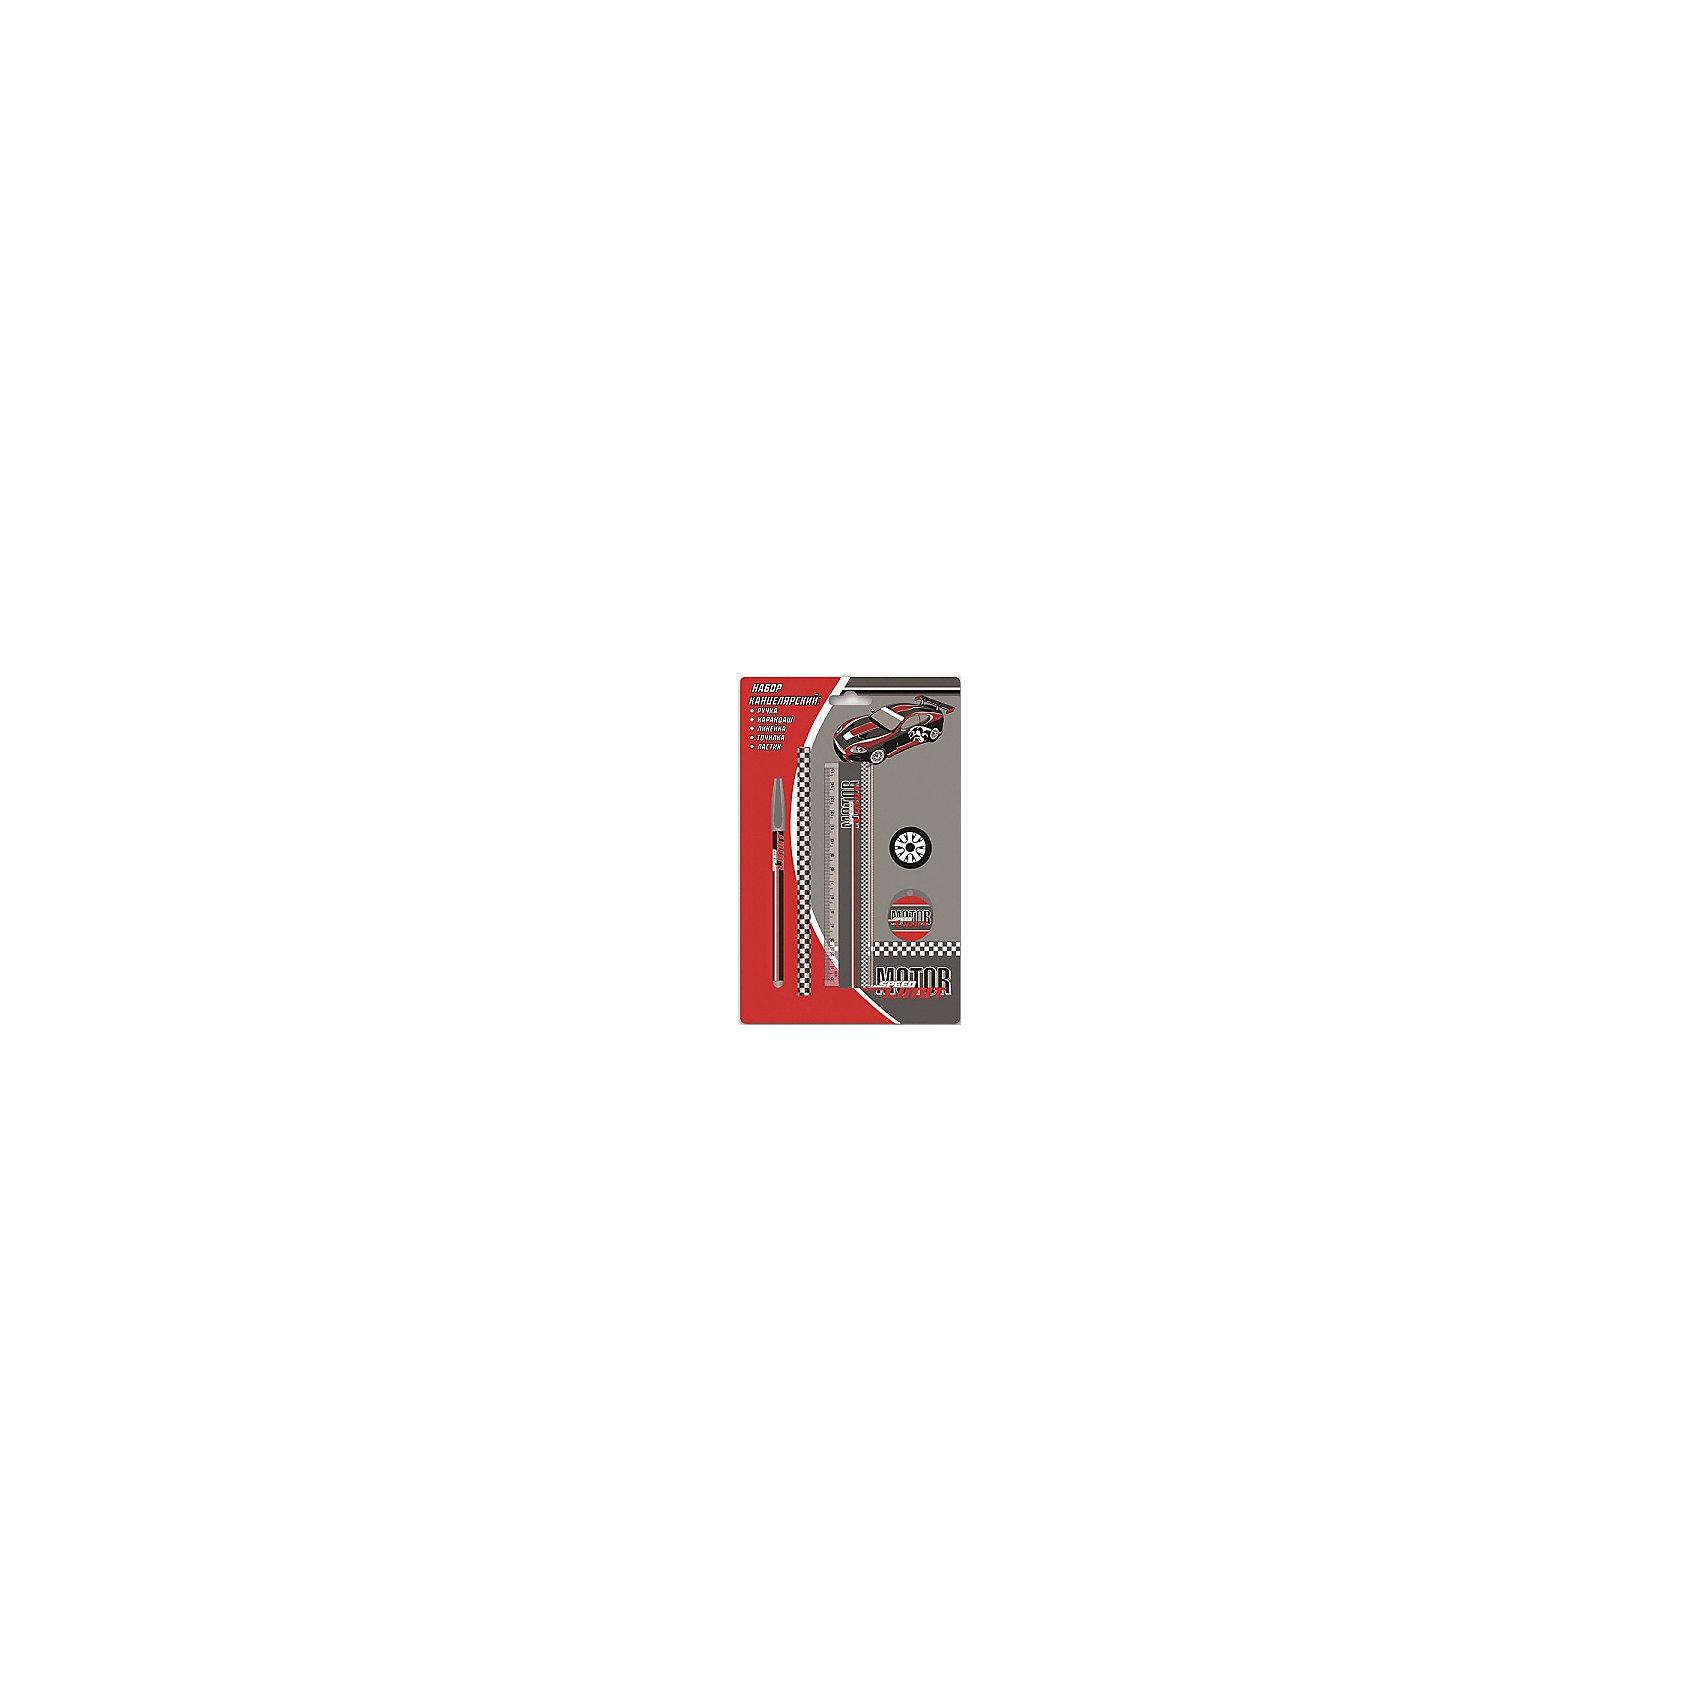 Канцелярский набор Авто, 5 предметовЯркие канцелярские принадлежности сделают школьные занятия веселее и поднимут ребенку настроение. В состав канцелярского набора Авто входят: 1 шариковая ручка, 1 ластик диаметром 35мм, 1 точилка для карандашей диаметром 35мм, 1 пластиковая линейка длиной 15 см, 1 круглый заточенный чернографитный карандаш в древесной оболочке твердости HB.<br>Все предметы выполнены в одном стиле, который оценят мальчишки. Сделаны из качественных и безопасных для ребенка материалов. Упаковка - блистер.<br><br>Дополнительная информация:<br><br>цвет: разноцветный;<br>материал: пластик, дерево.<br><br>Комплектация: <br>1 ручка,<br>1 ластик, <br>1 точилка, <br>1 линейка,<br>1 карандаш.<br><br>Канцелярский набор Авто, 5 предметов можно купить в нашем магазине.<br><br>Ширина мм: 245<br>Глубина мм: 155<br>Высота мм: 20<br>Вес г: 65<br>Возраст от месяцев: 72<br>Возраст до месяцев: 144<br>Пол: Мужской<br>Возраст: Детский<br>SKU: 4746261